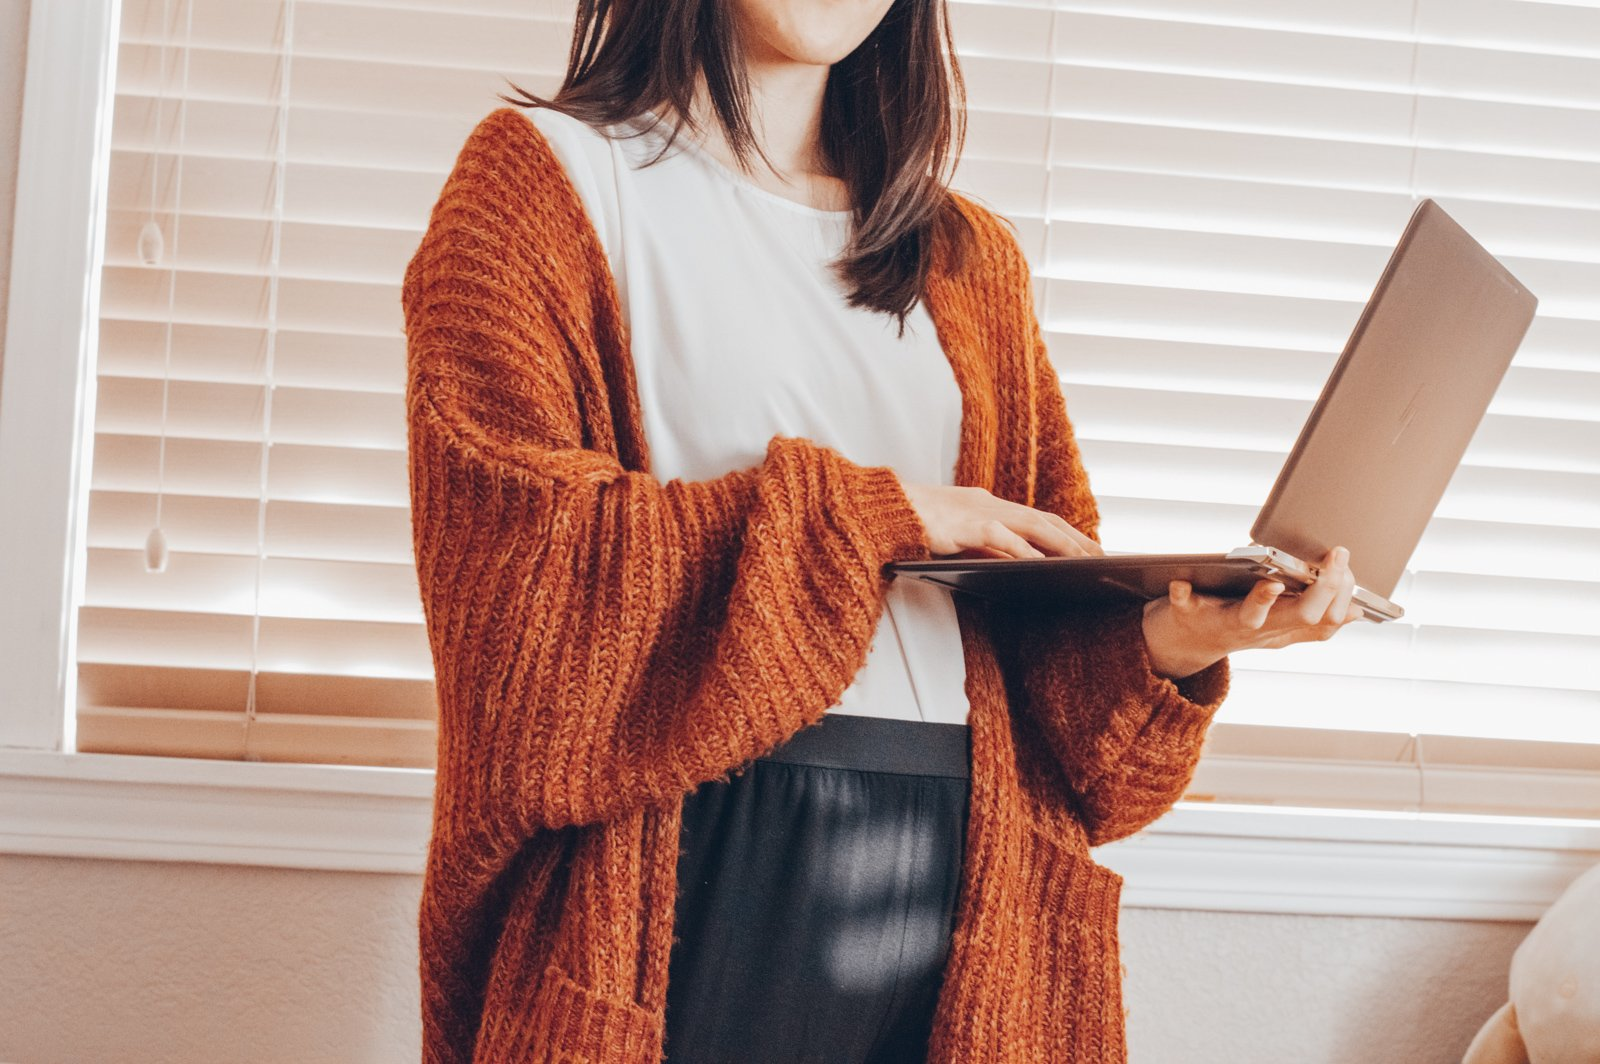 Girl wearing cardigan holding laptop